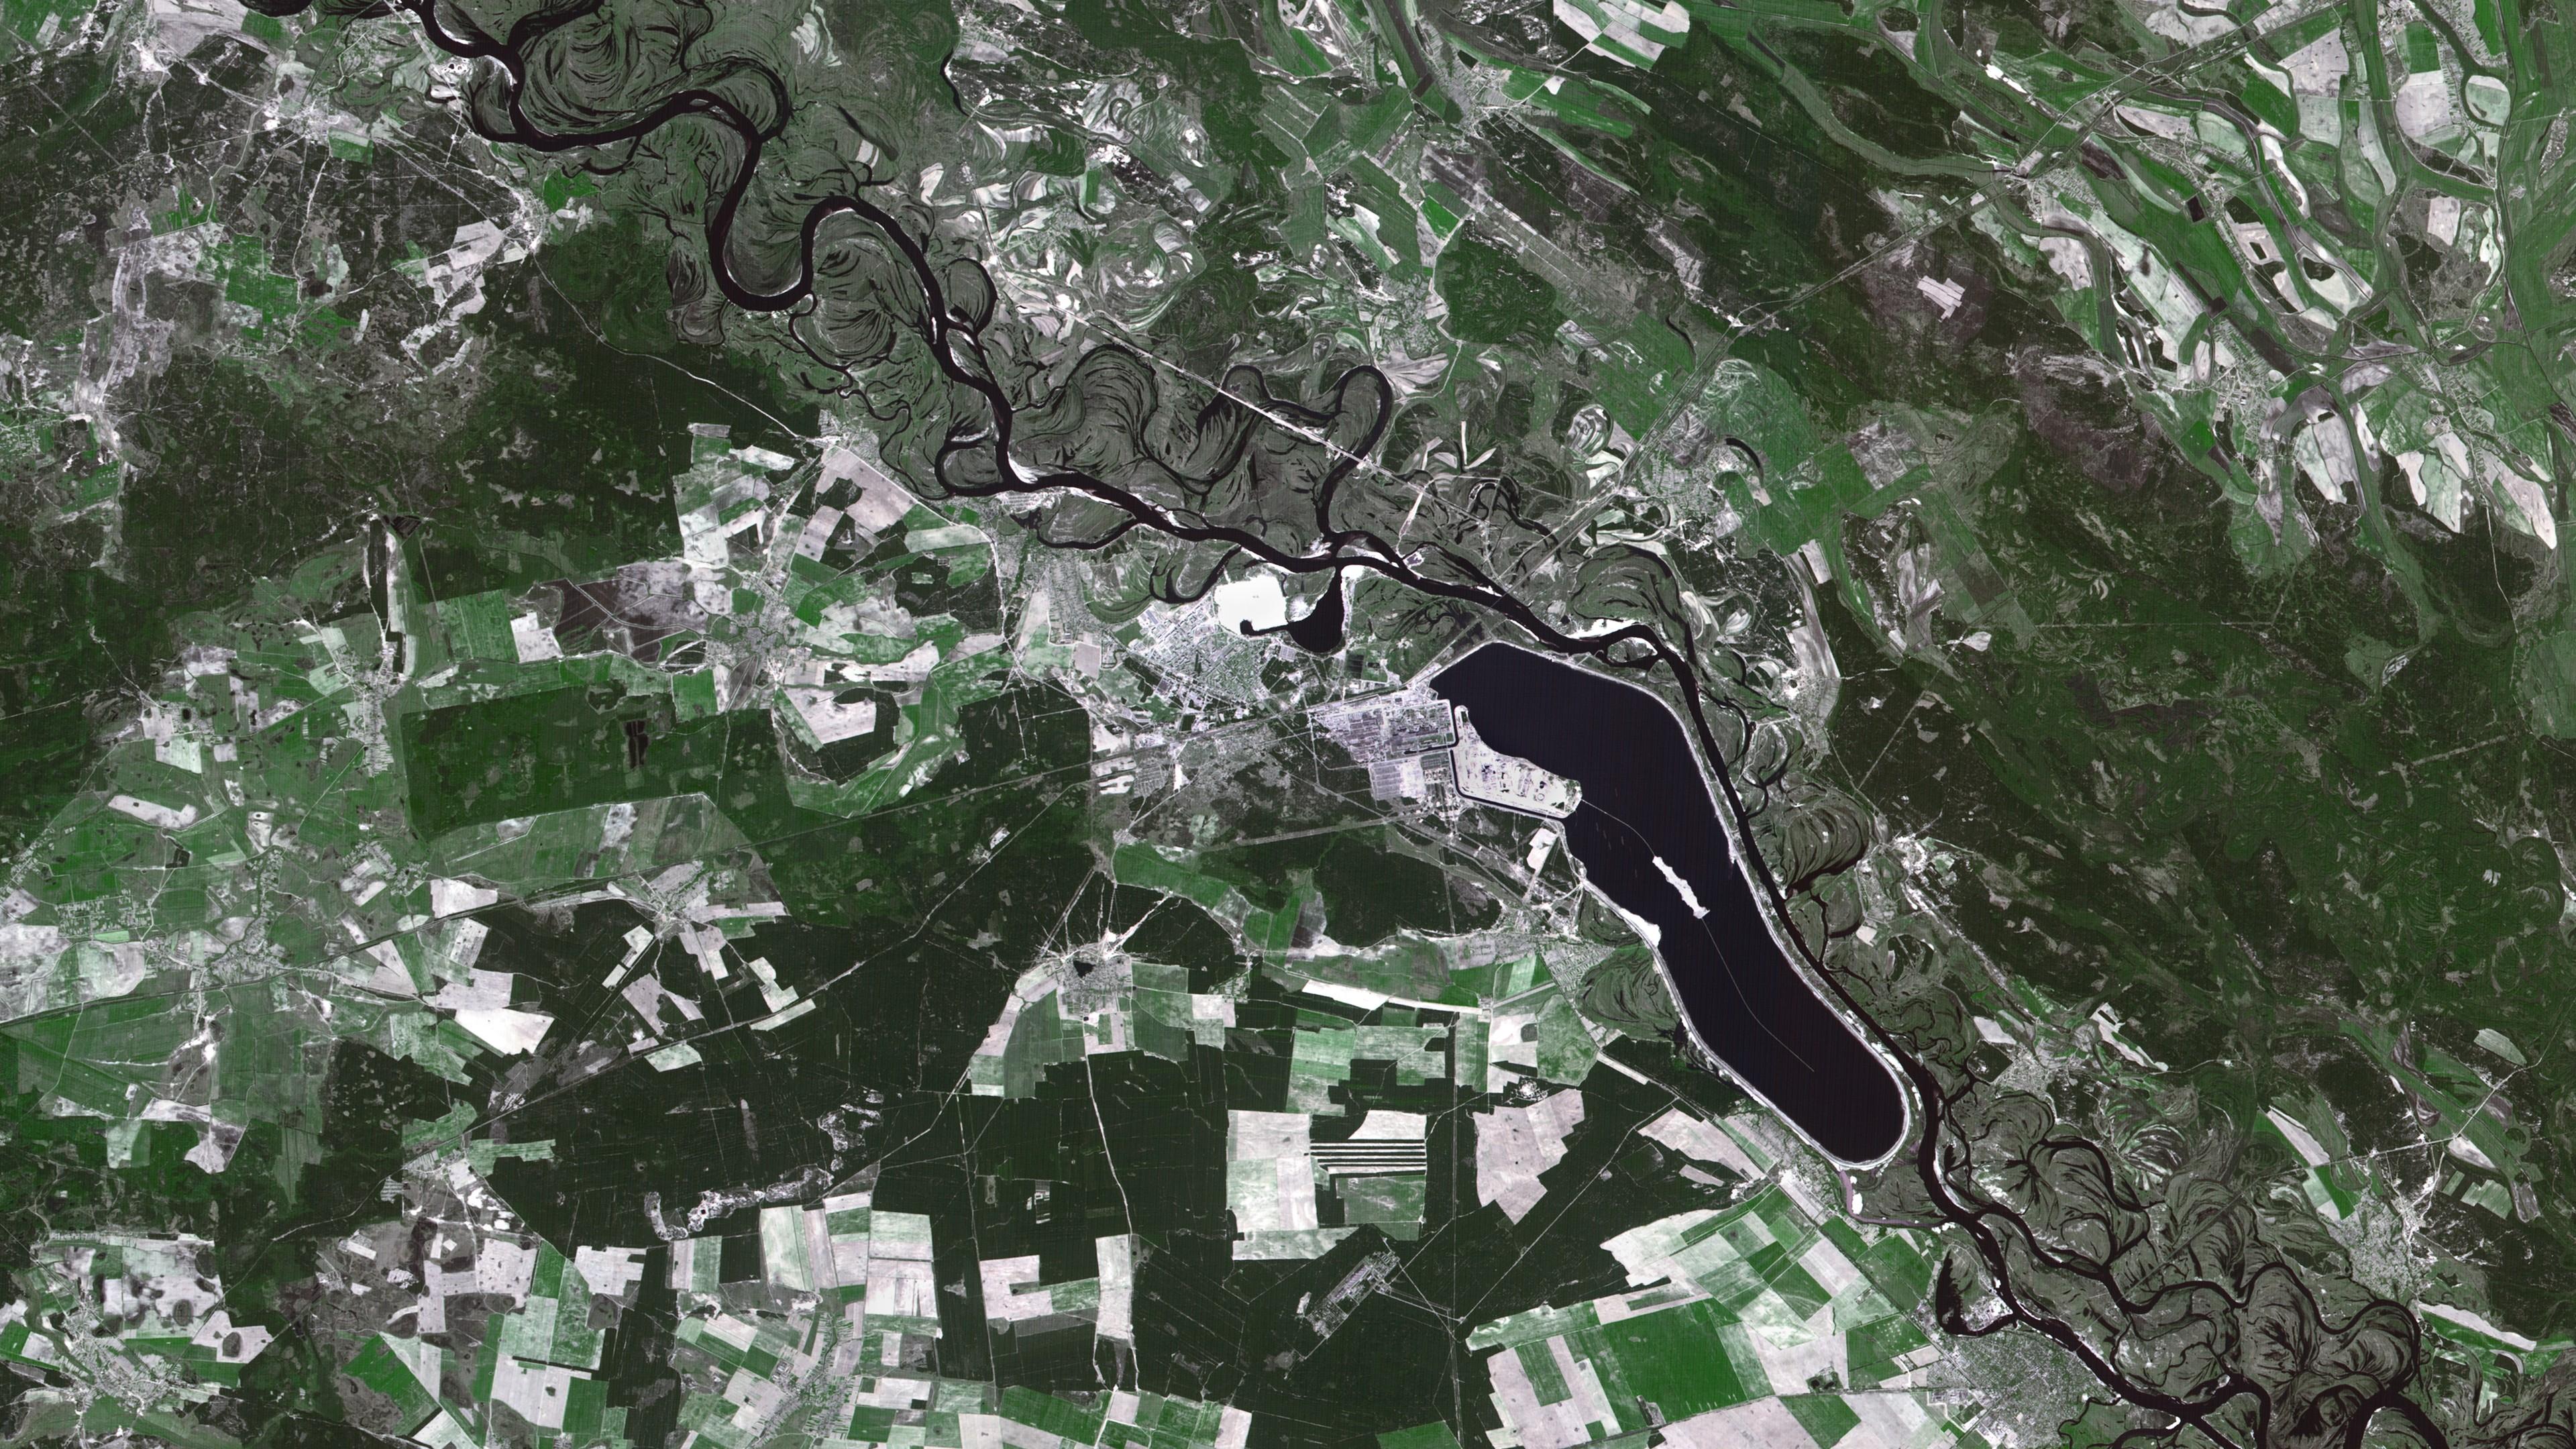 Tchernobyl - Premières images satellites - explosion centrale - 26 avril 1986 - 7 mai 1986 - SPOT 1 - CNES - Spot Image - Airbus DS